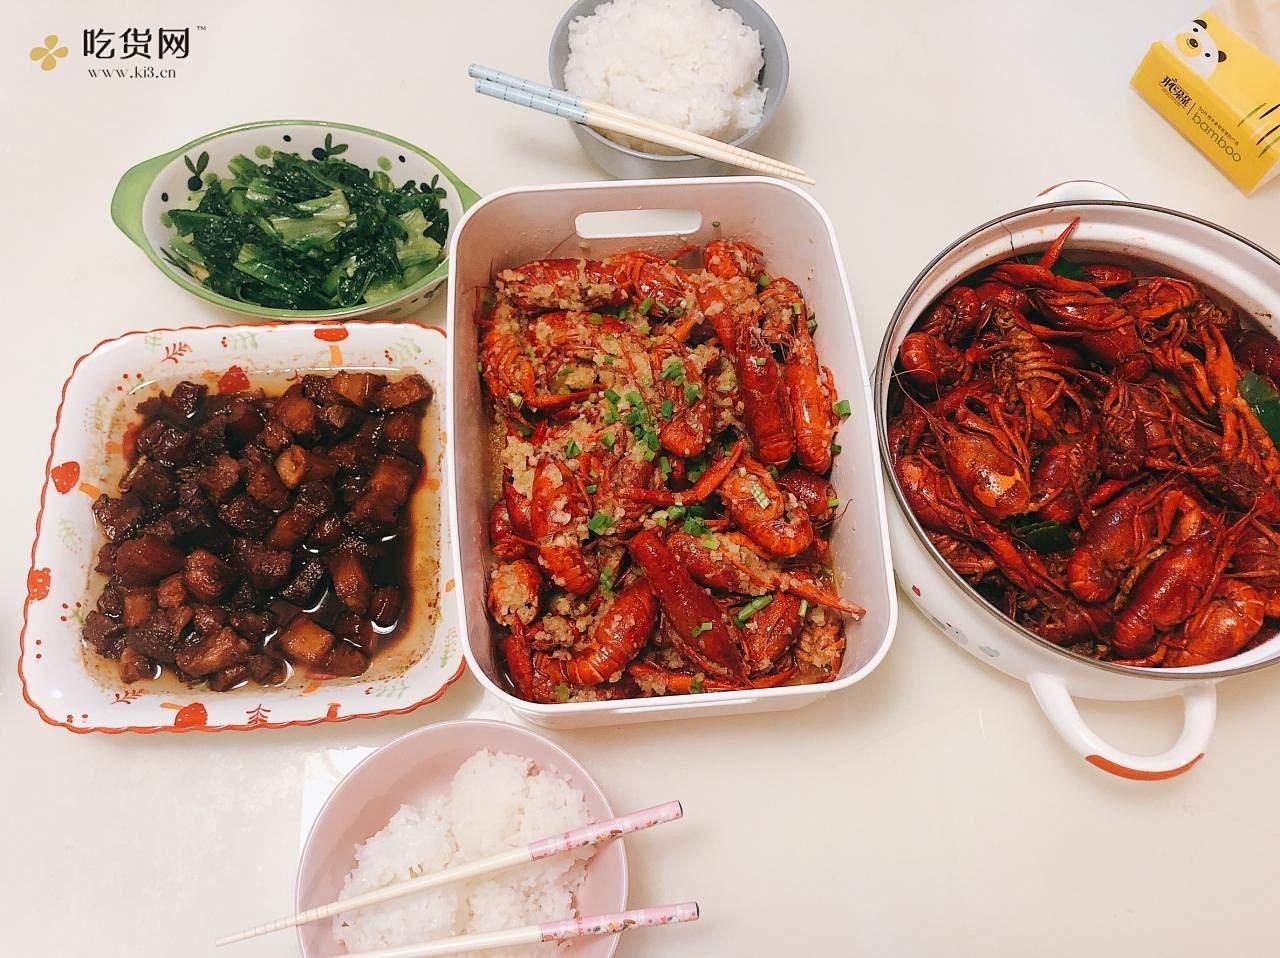 麻辣小龙虾(秒杀龙虾店)的做法 步骤14